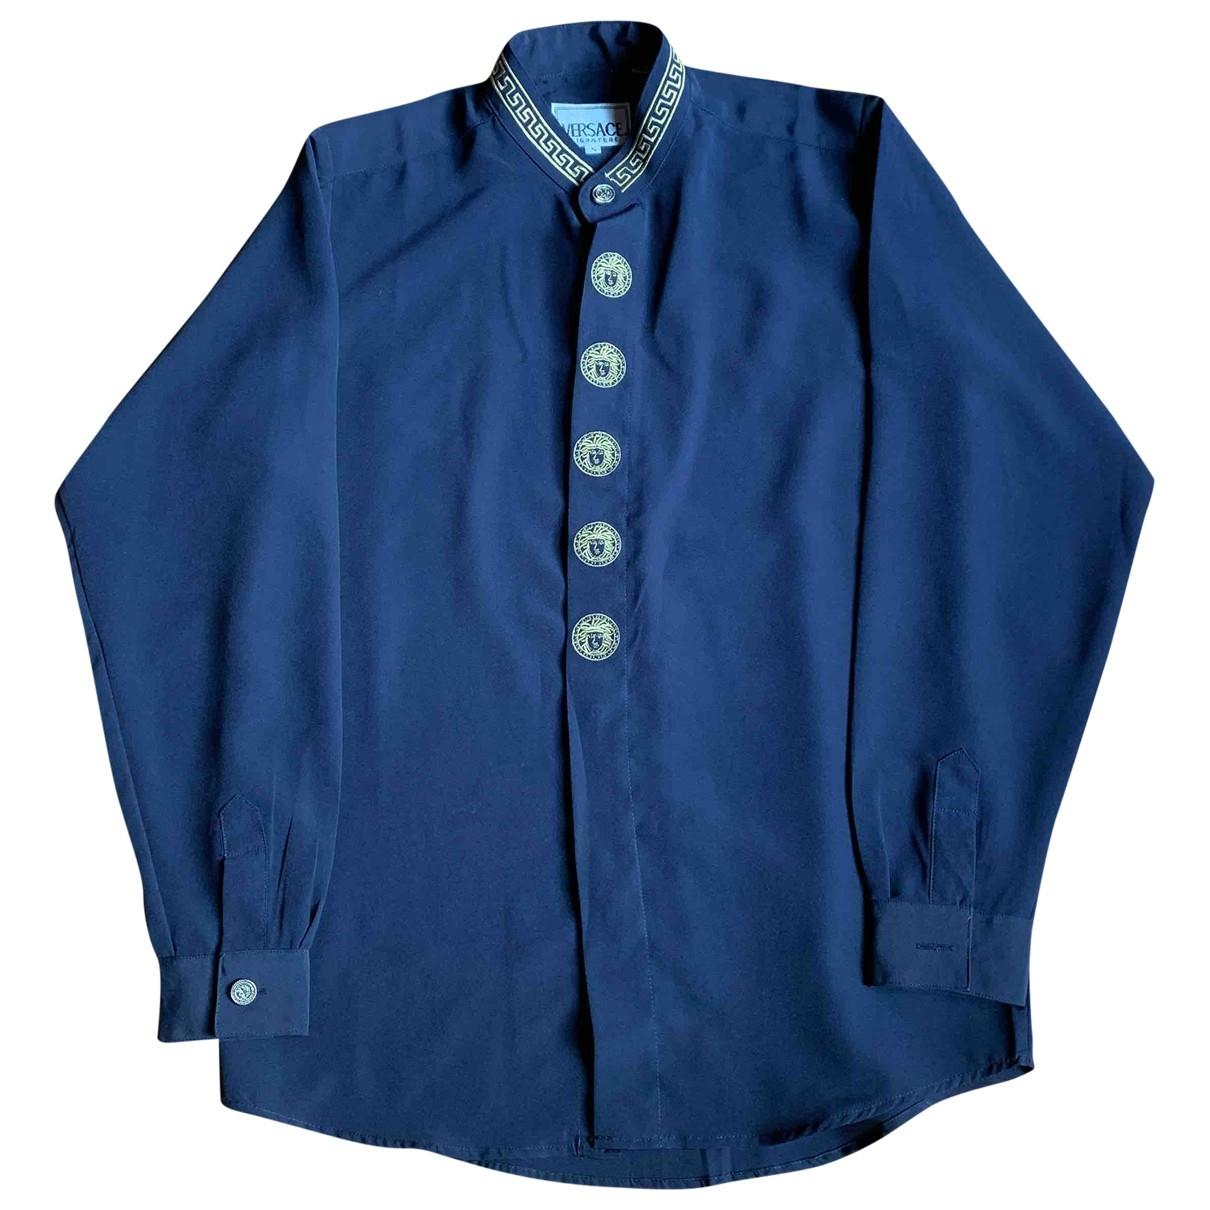 Gianni Versace \N Hemden in  Blau Synthetik